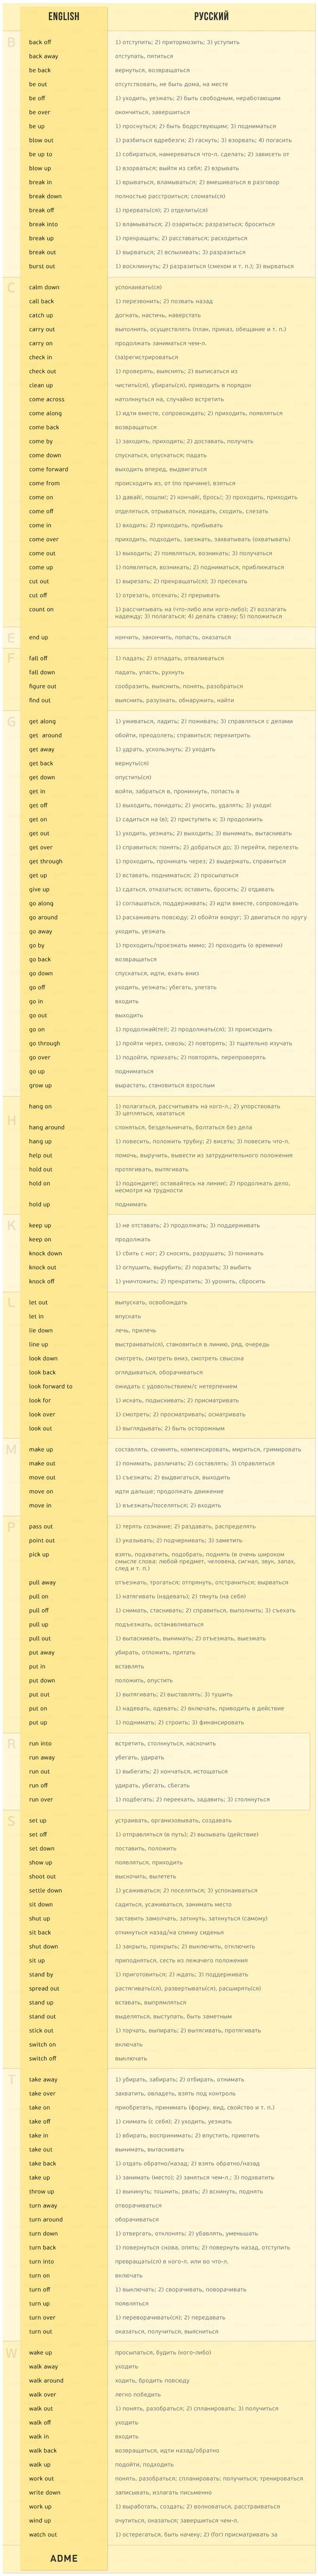 170 английских глаголов, которые пригодятся влюбом разговоре